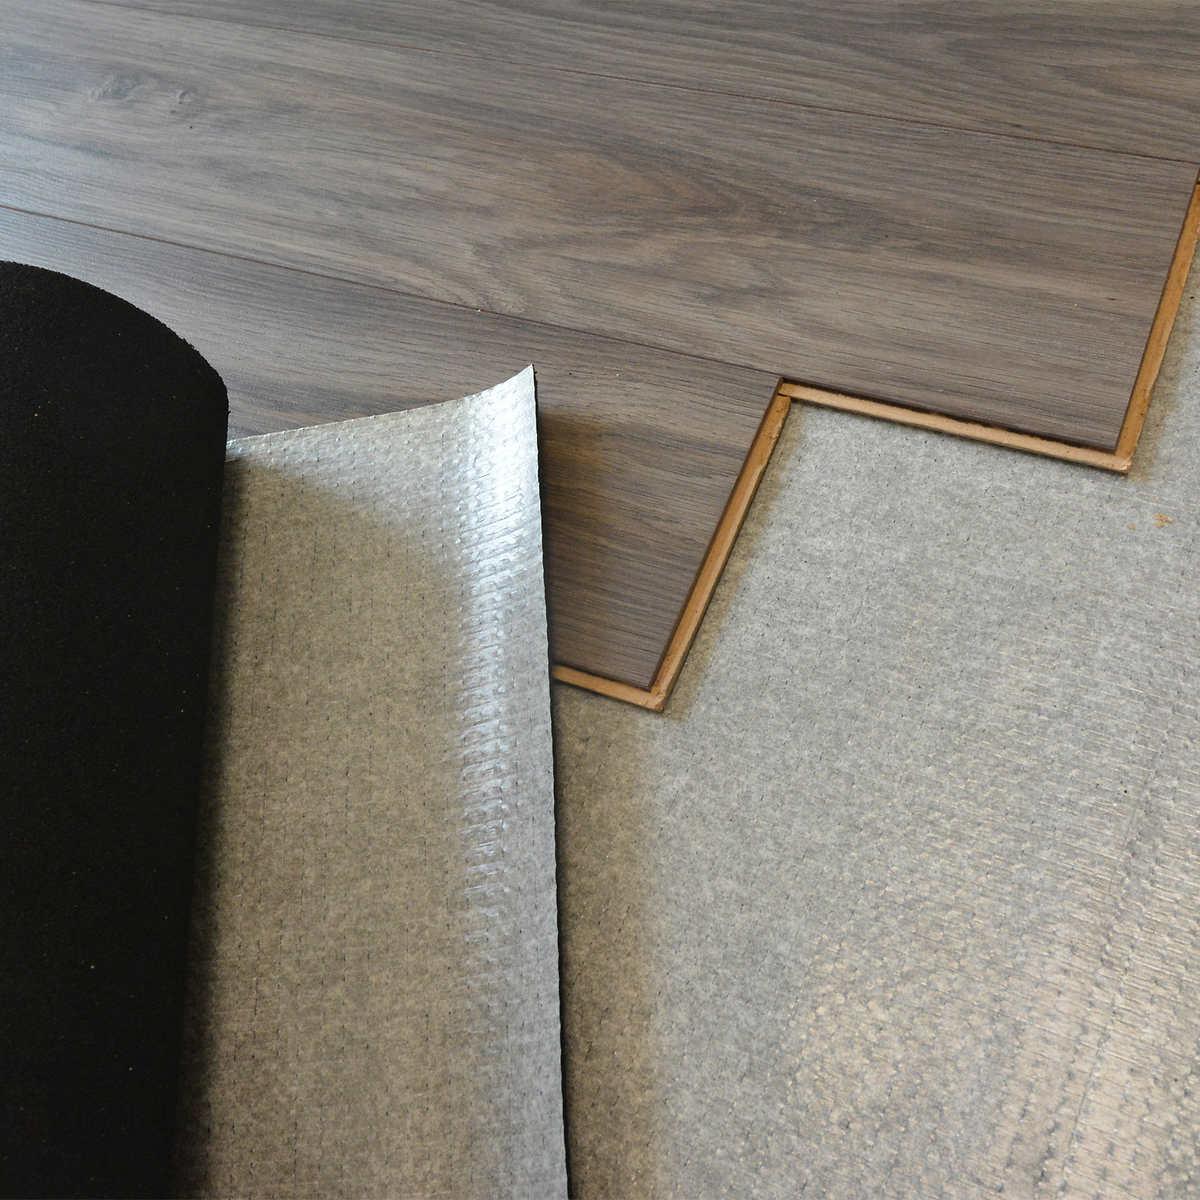 Technoflex Premium Acoustic Underlayment With Vapor Barrier